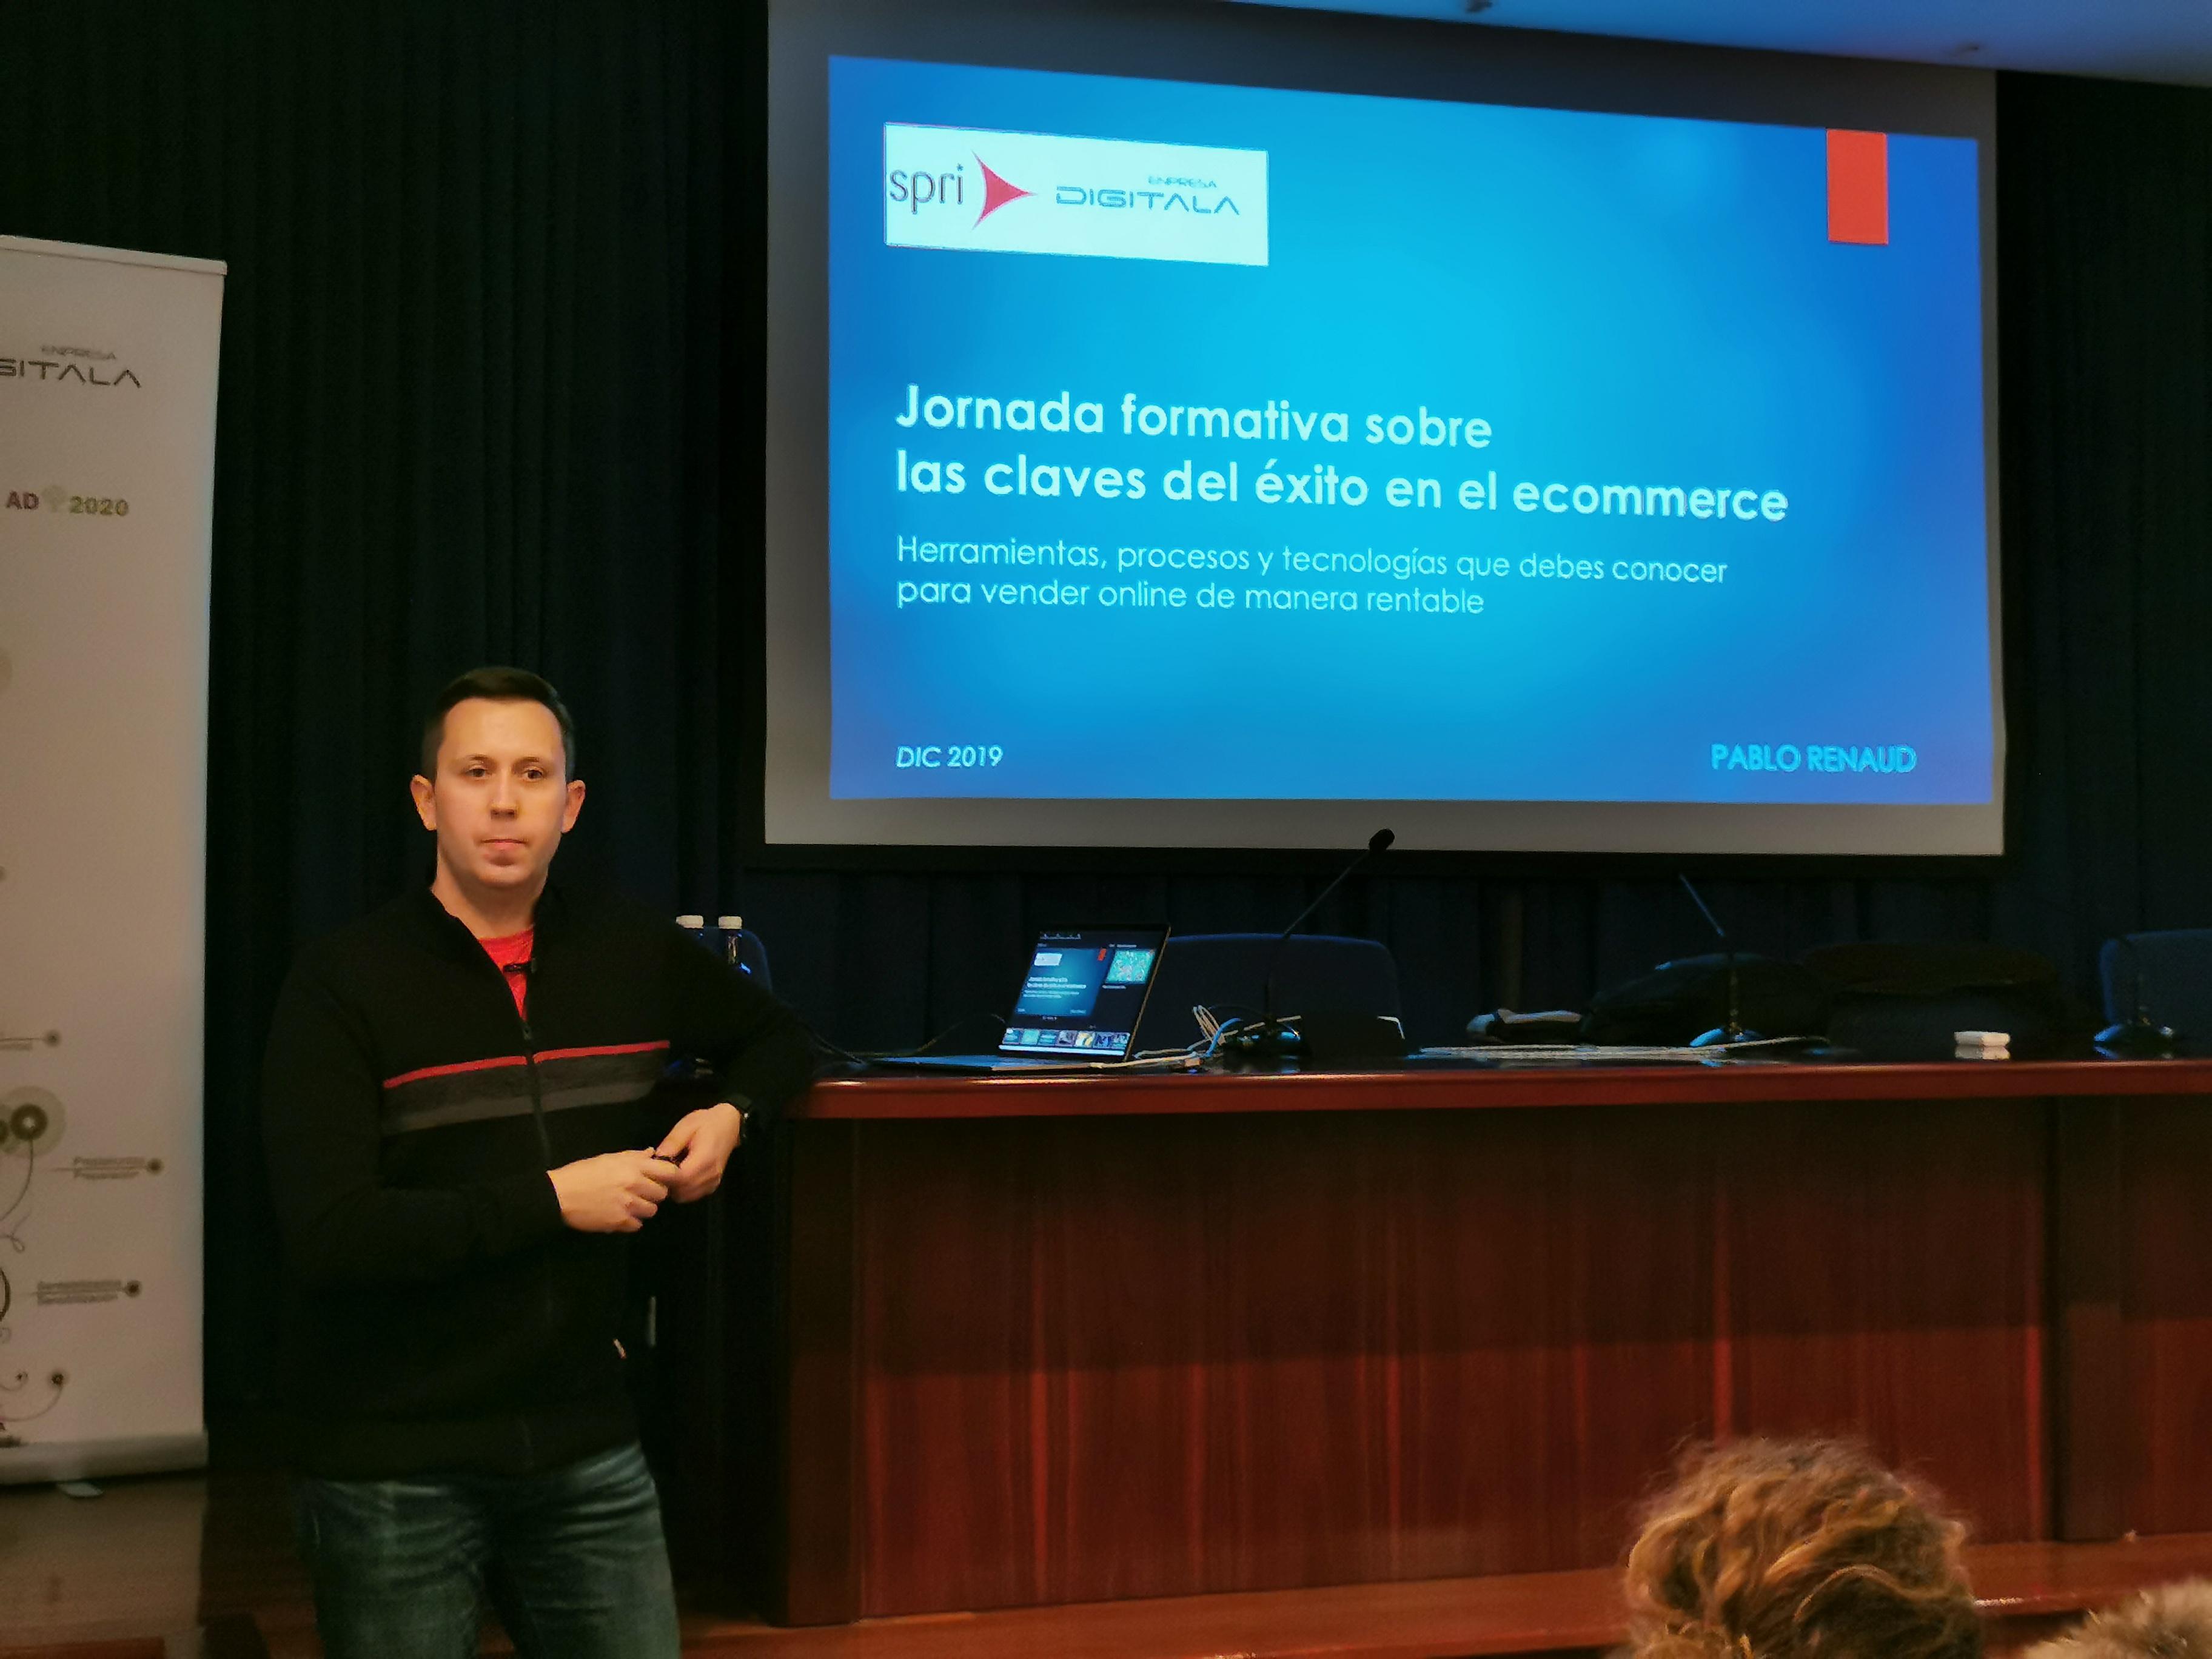 Las claves del éxito de la venta online explicadas por el especialista en ecommerce Pablo Renaud